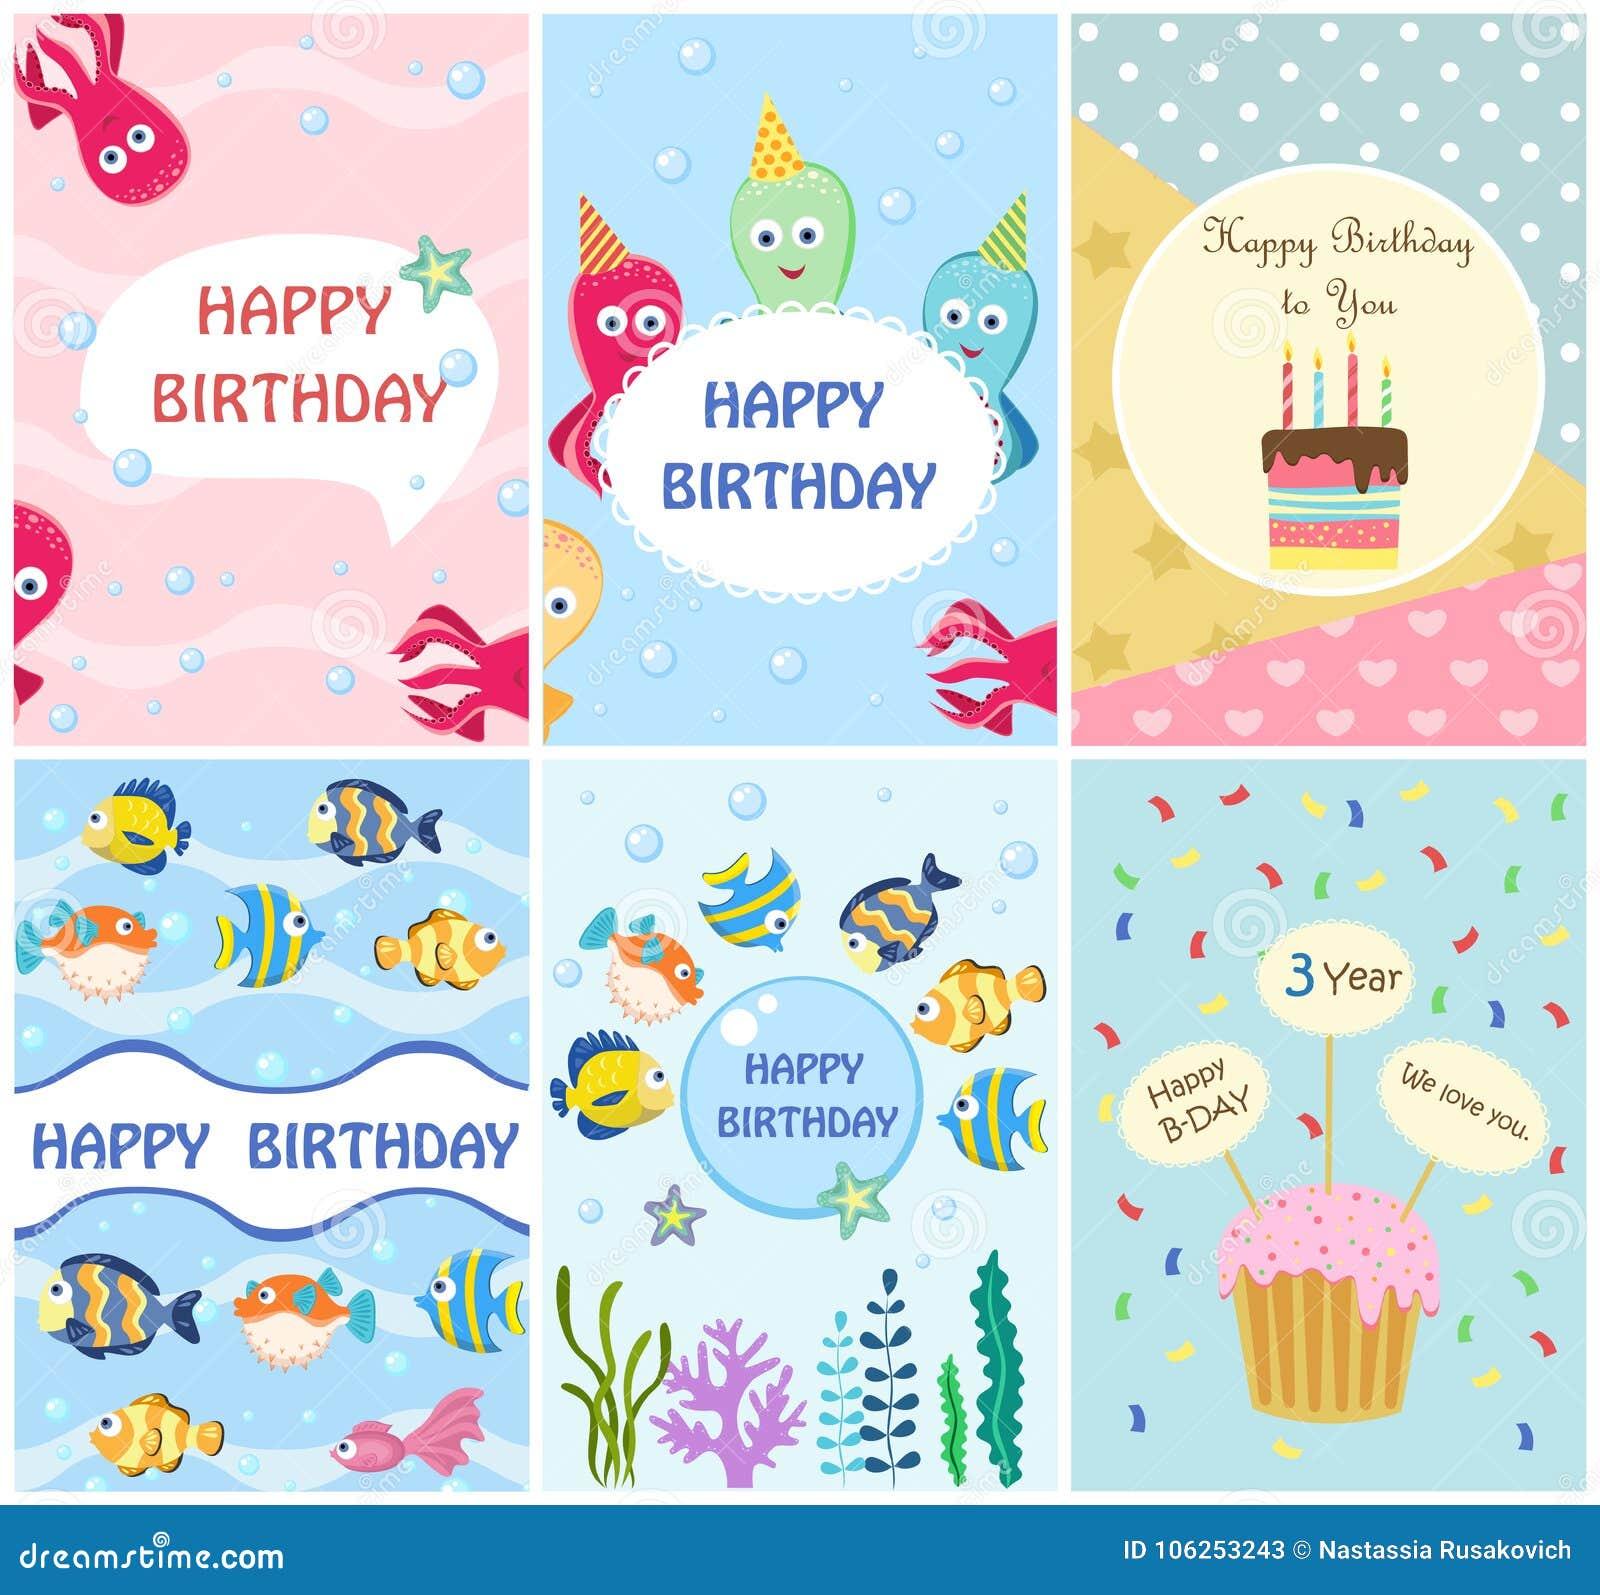 Wszystkiego najlepszego z okazji urodzin kartka z pozdrowieniami szablony i partyjni zaproszenia, set pocztówki